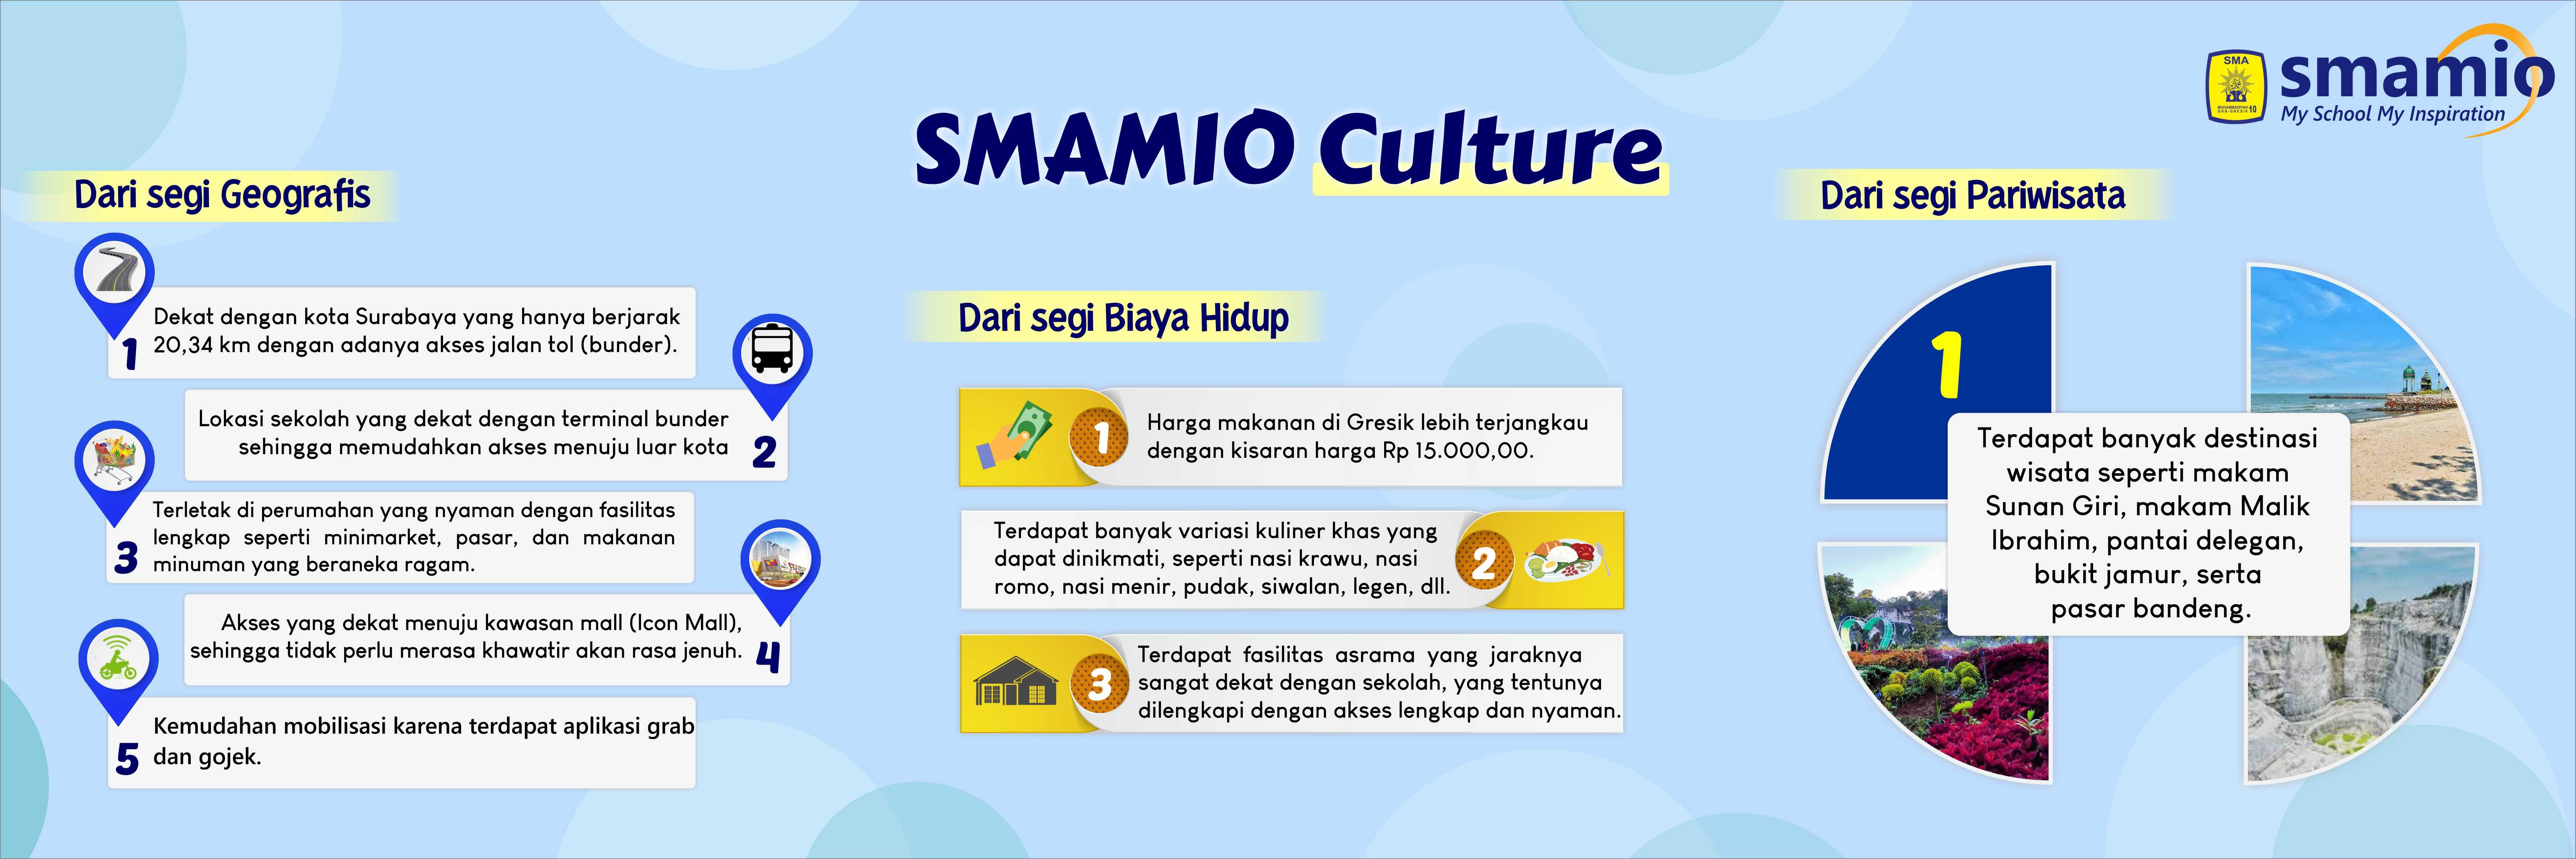 posdig keuntungan sekolah di smamio_terfix